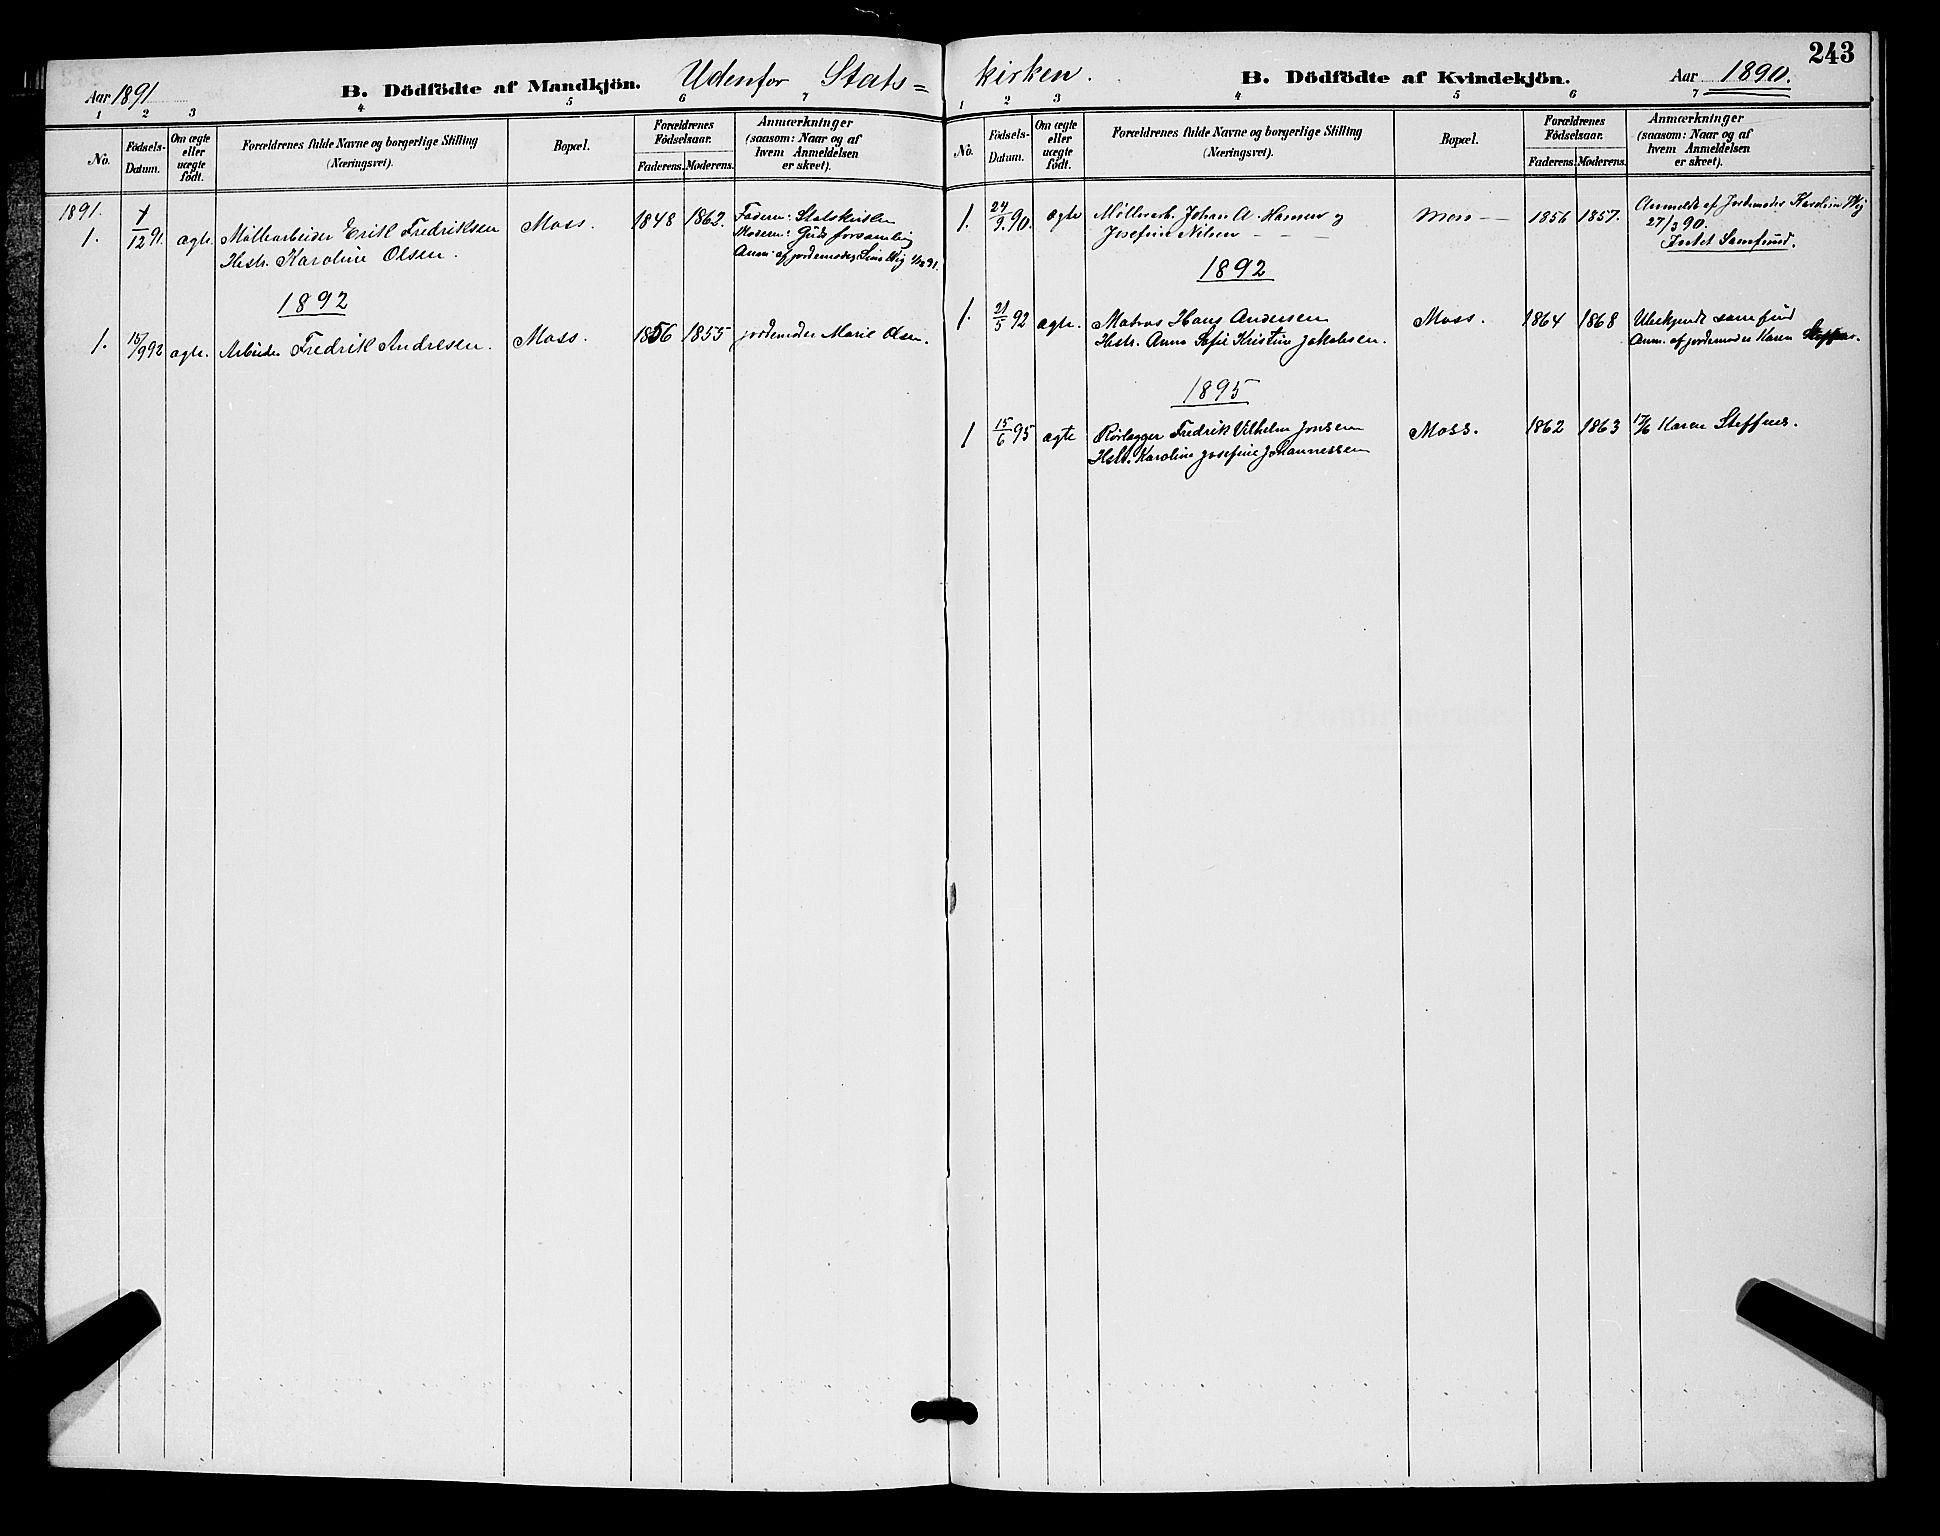 SAO, Moss prestekontor Kirkebøker, G/Ga/L0006: Klokkerbok nr. I 6, 1889-1900, s. 243